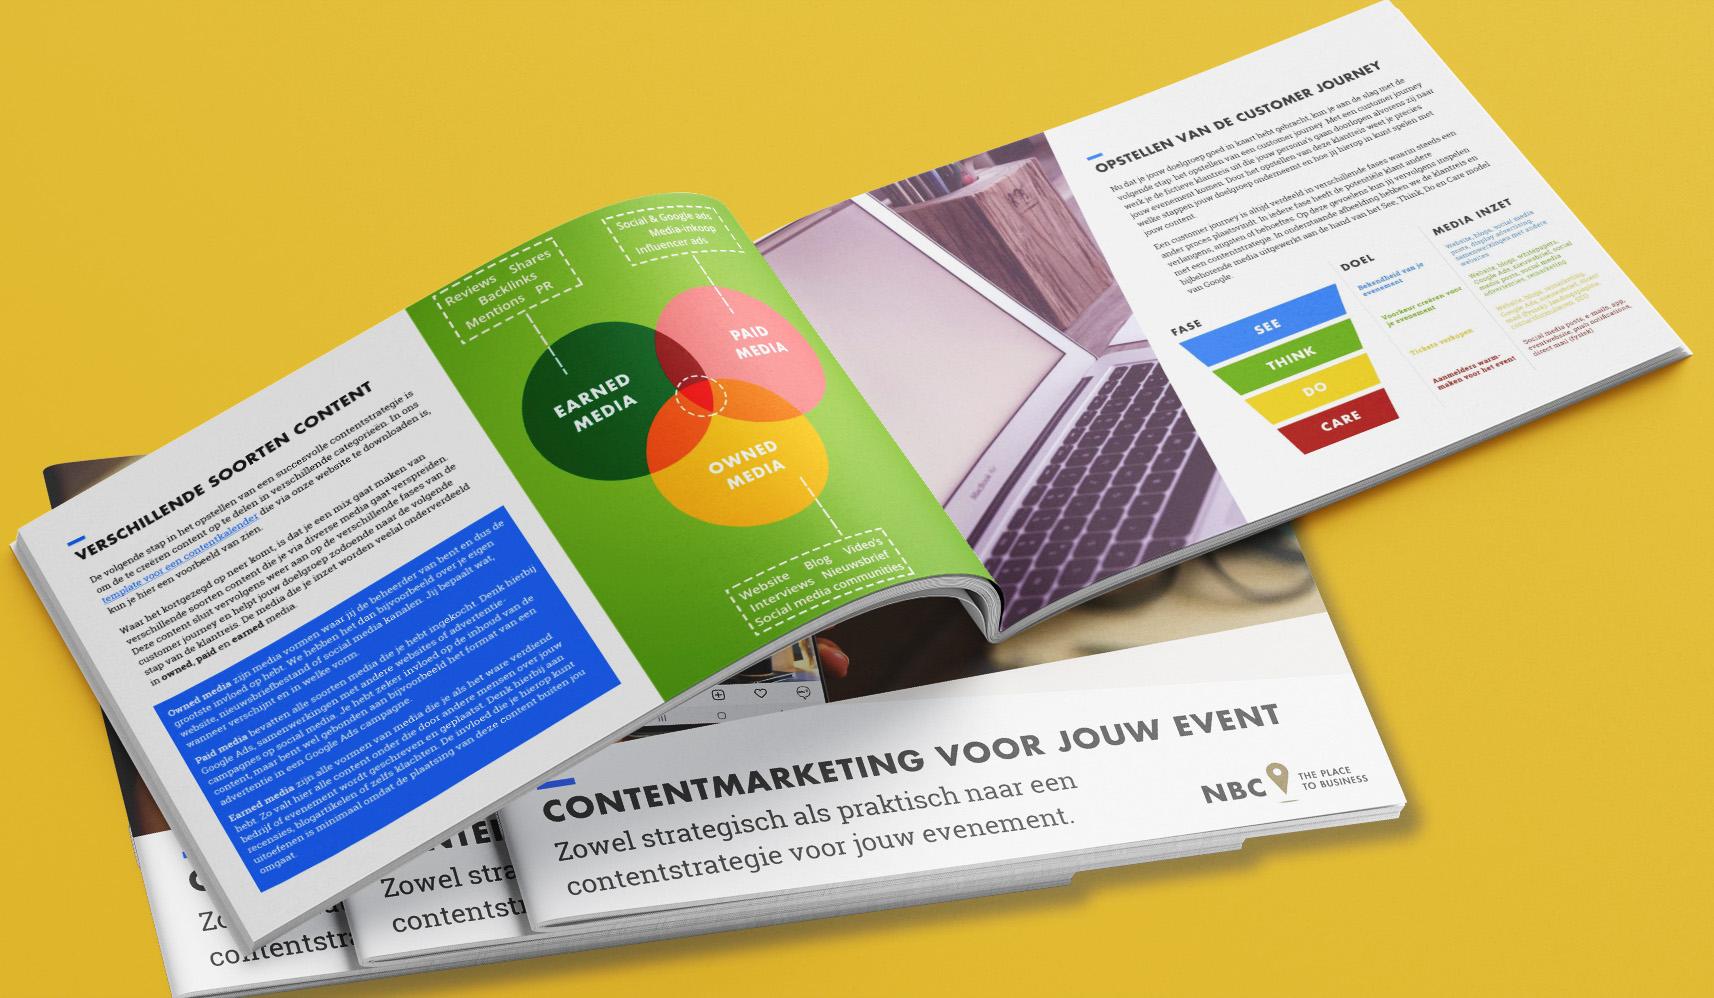 Content marketing op je evenement